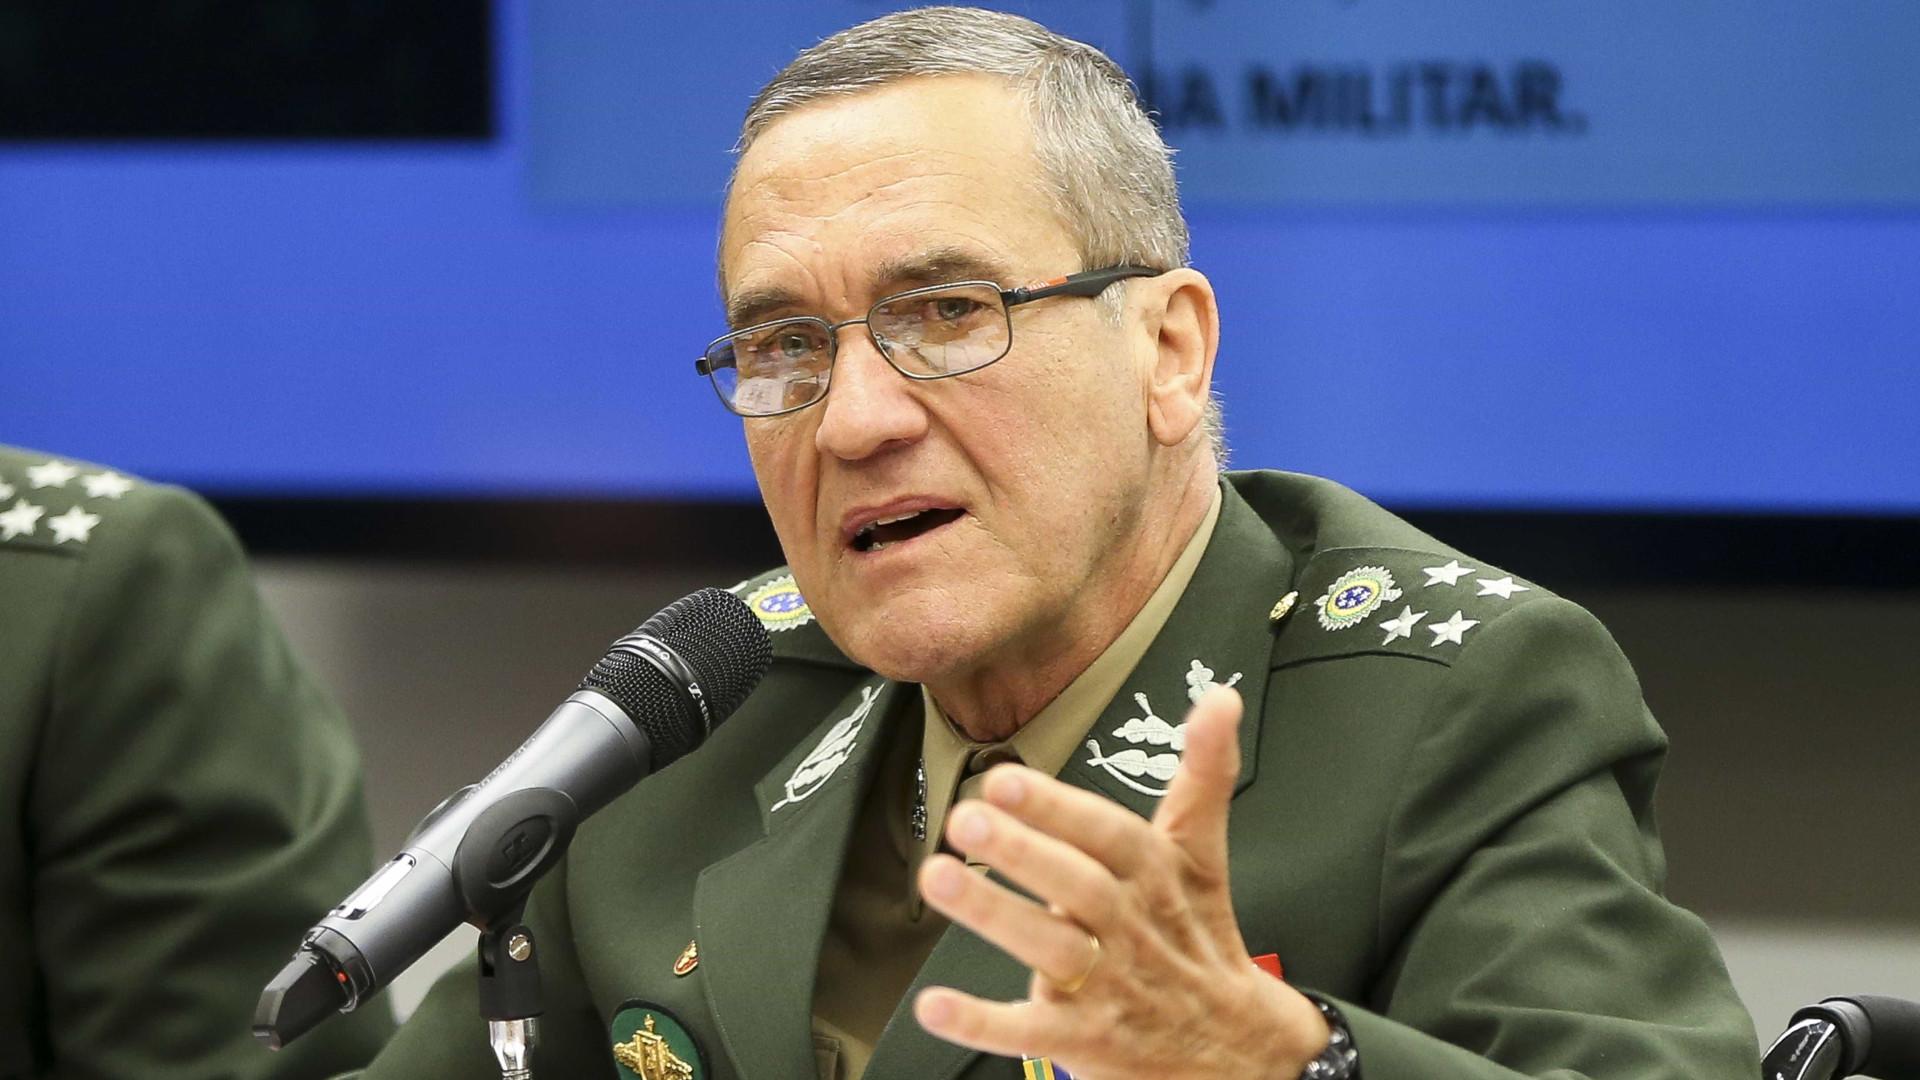 General tem número de seguidores quase duplicado após declarações